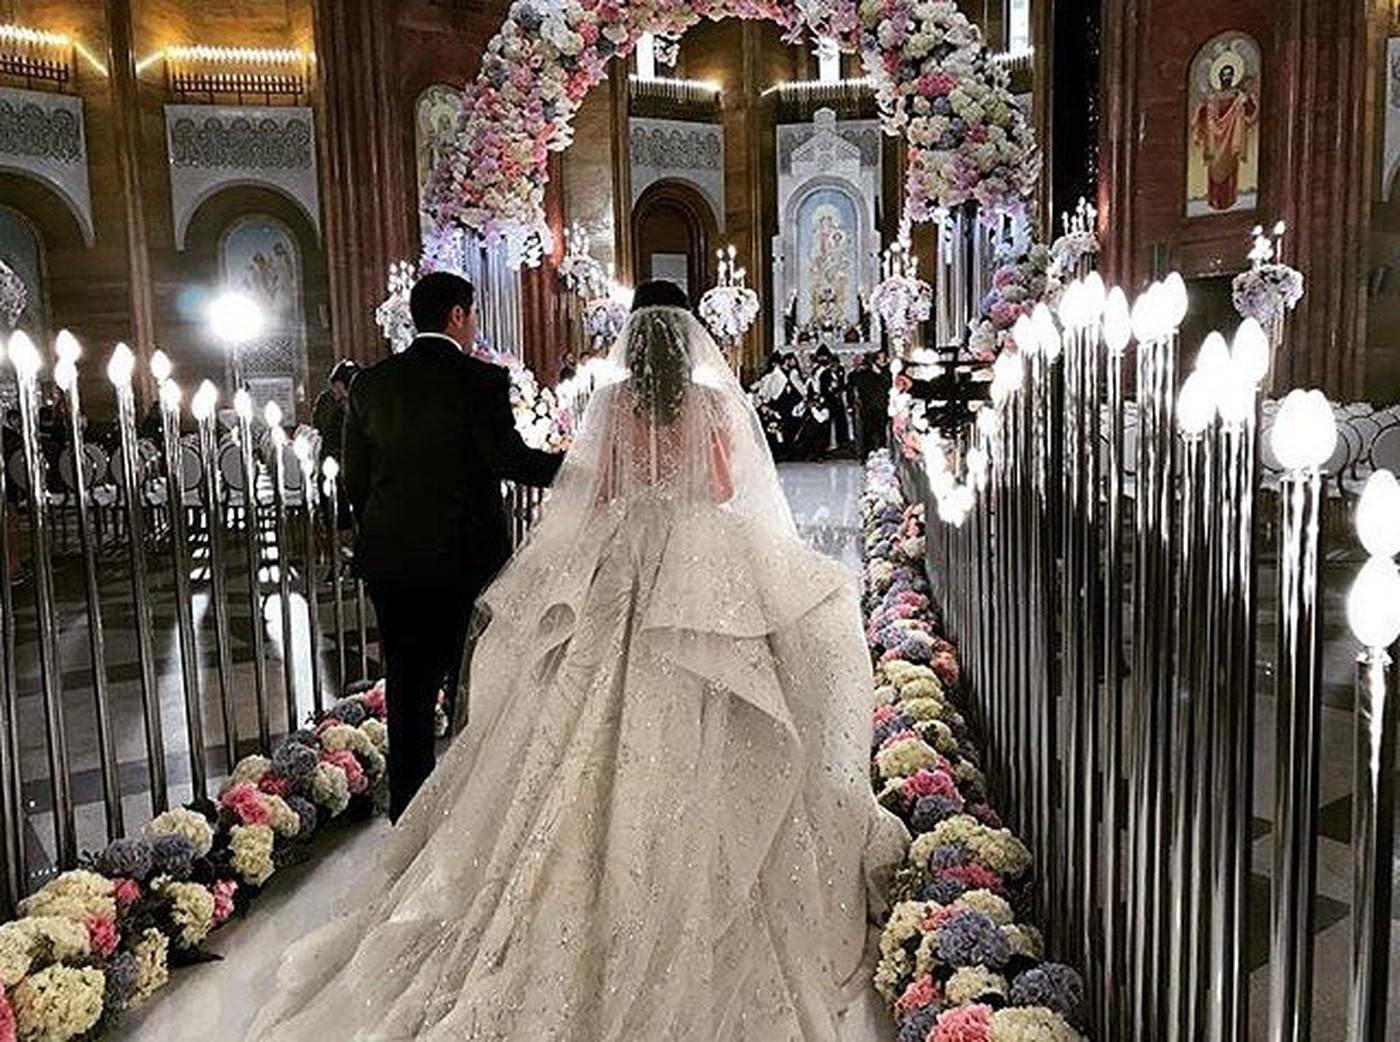 Новосибирская область свадьба сына самвела карапетяна 16 сентября фото мертвецах трактуются толкователем